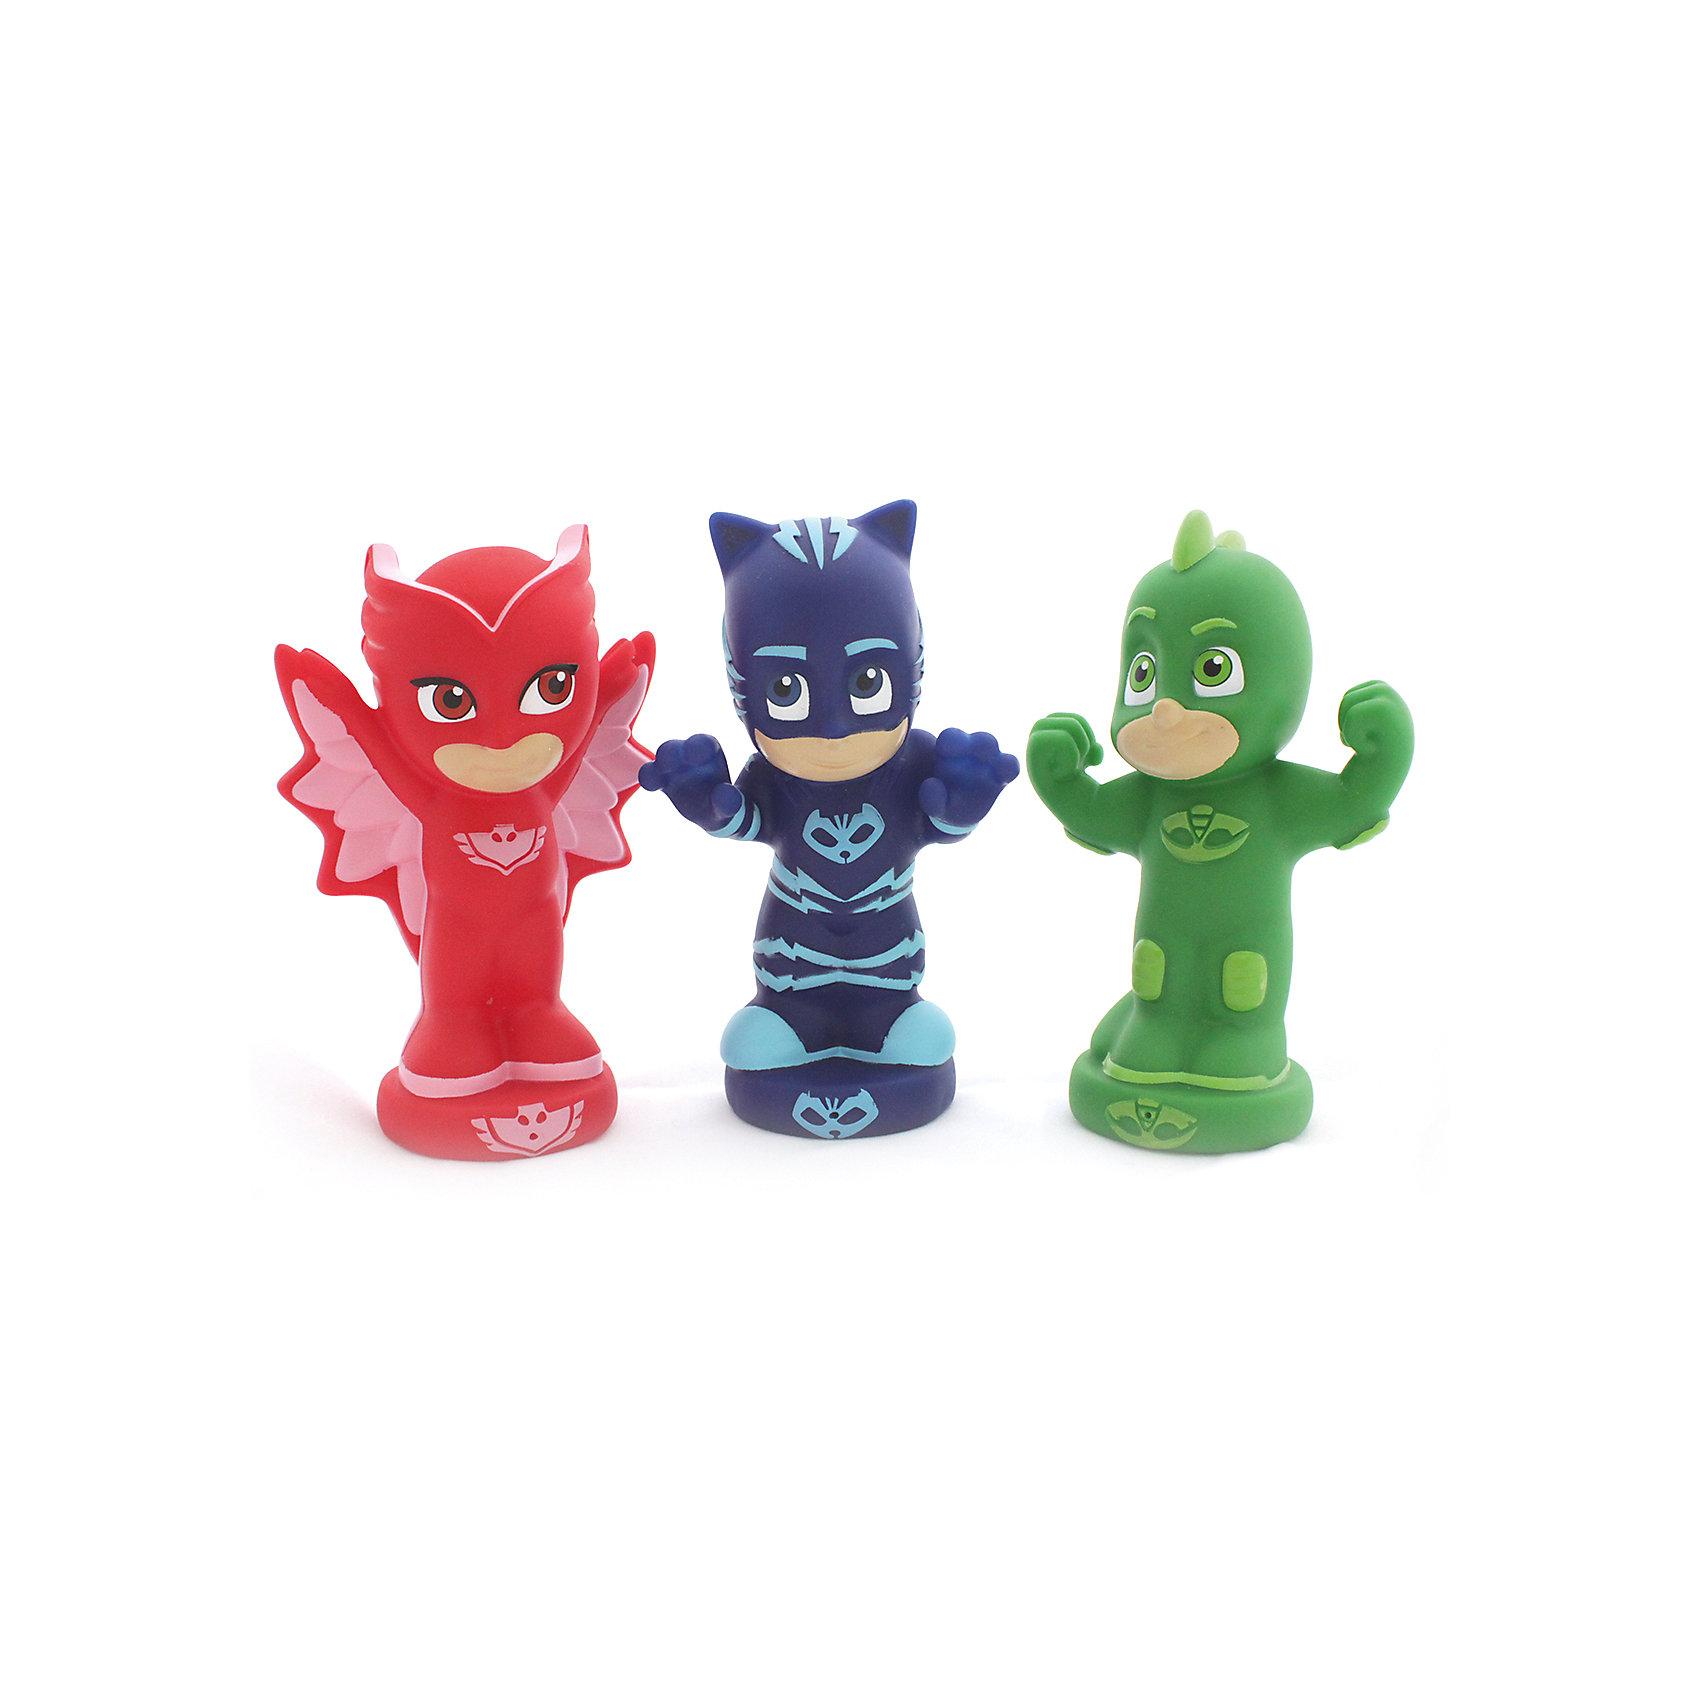 Игровой набор для ванной Герои в масках, 3 фигурки, 13 см.Герои в масках<br>Крутые персонажи мультфильма Герои в масках, забавно брызгающиеся водой, превратят купание вашего ребенка в увлекательное приключение и помогут развивать ему воображение, речь, цветовое и тактильное восприятие. И, конечно, подарят малышу удовольствие от веселой игры с любимыми героями.&#13;<br>В игровом наборе для ванной Герои в масках 3 фигурки высотой 13 см: Алетт, Кэтбой, Гекко. Игрушки выполнены из высококачественного пластизоля. Товар сертифицирован. Упаковка - блистер.<br><br>Ширина мм: 252<br>Глубина мм: 175<br>Высота мм: 65<br>Вес г: 293<br>Возраст от месяцев: 36<br>Возраст до месяцев: 2147483647<br>Пол: Унисекс<br>Возраст: Детский<br>SKU: 5577973